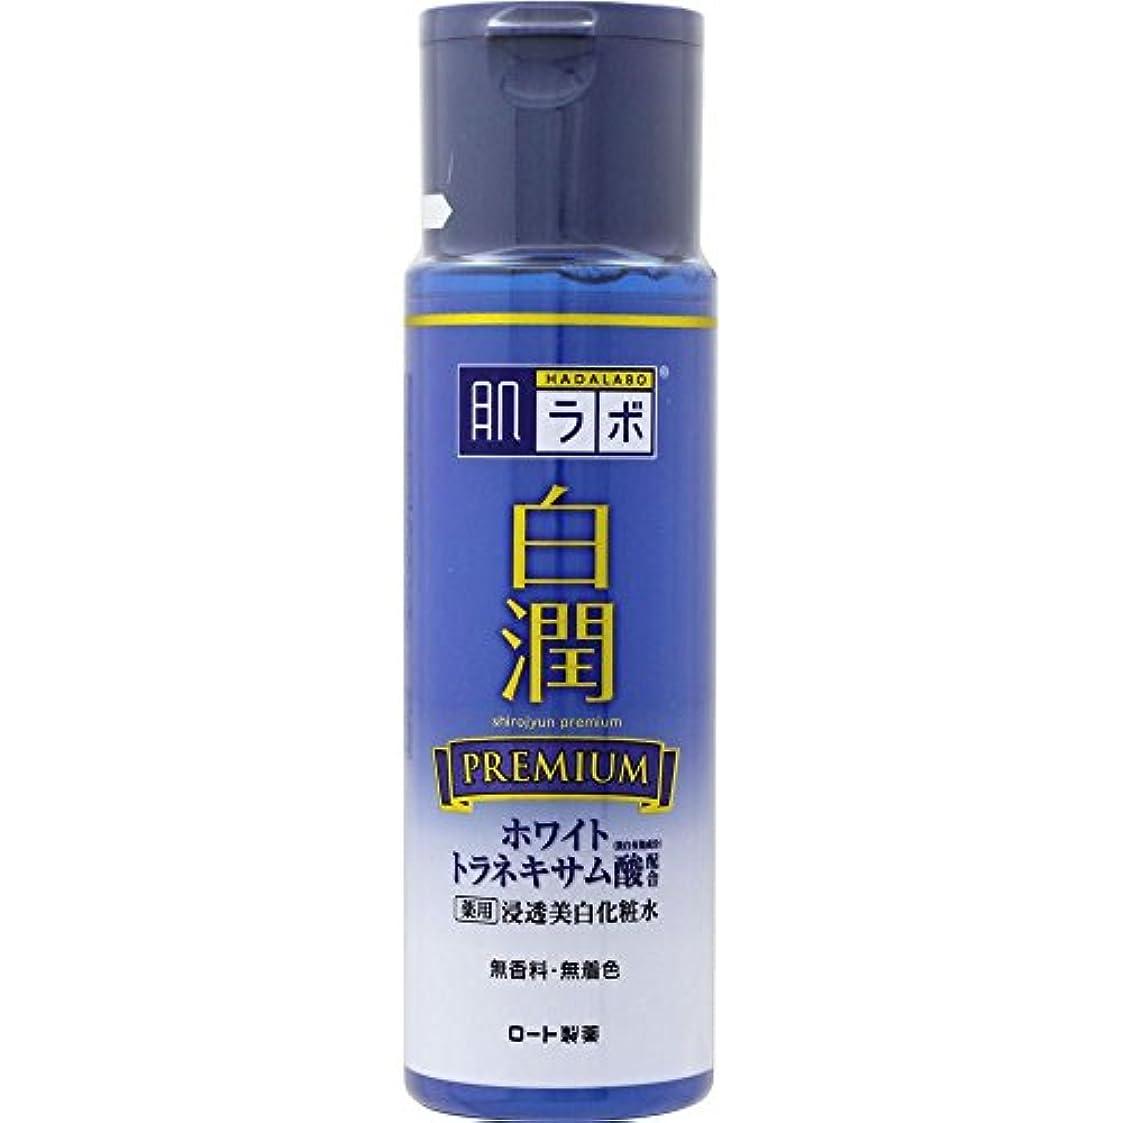 脱獄首謀者センブランス肌ラボ 白潤プレミアム 薬用浸透美白化粧水 170mL (医薬部外品)